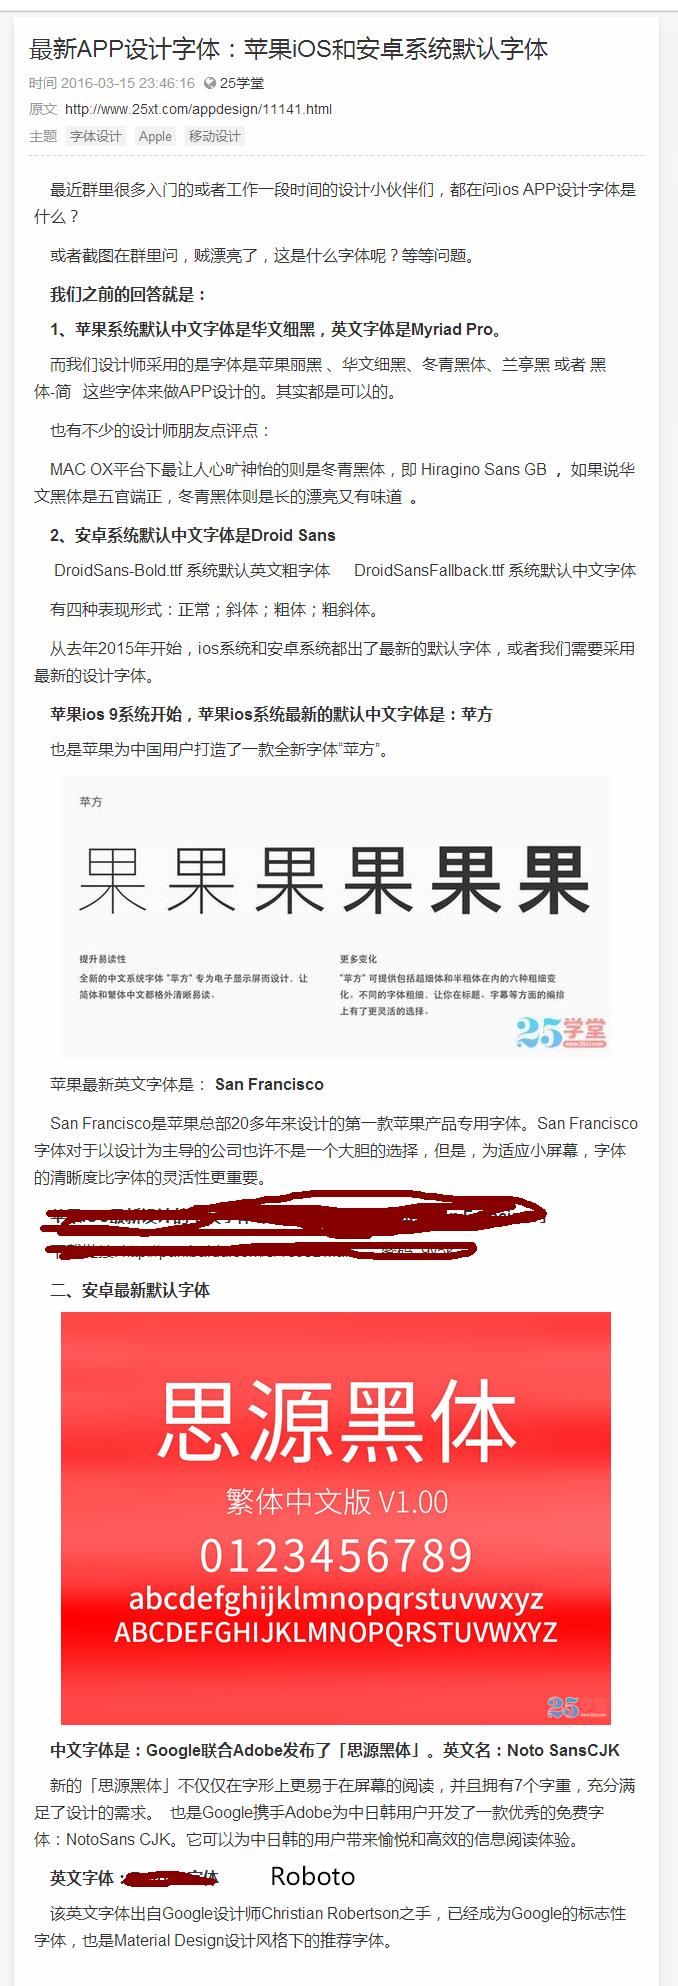 安卓&IOS默认网站下载|设计版式|设计资讯/资字体设计环衬的名词解释图片